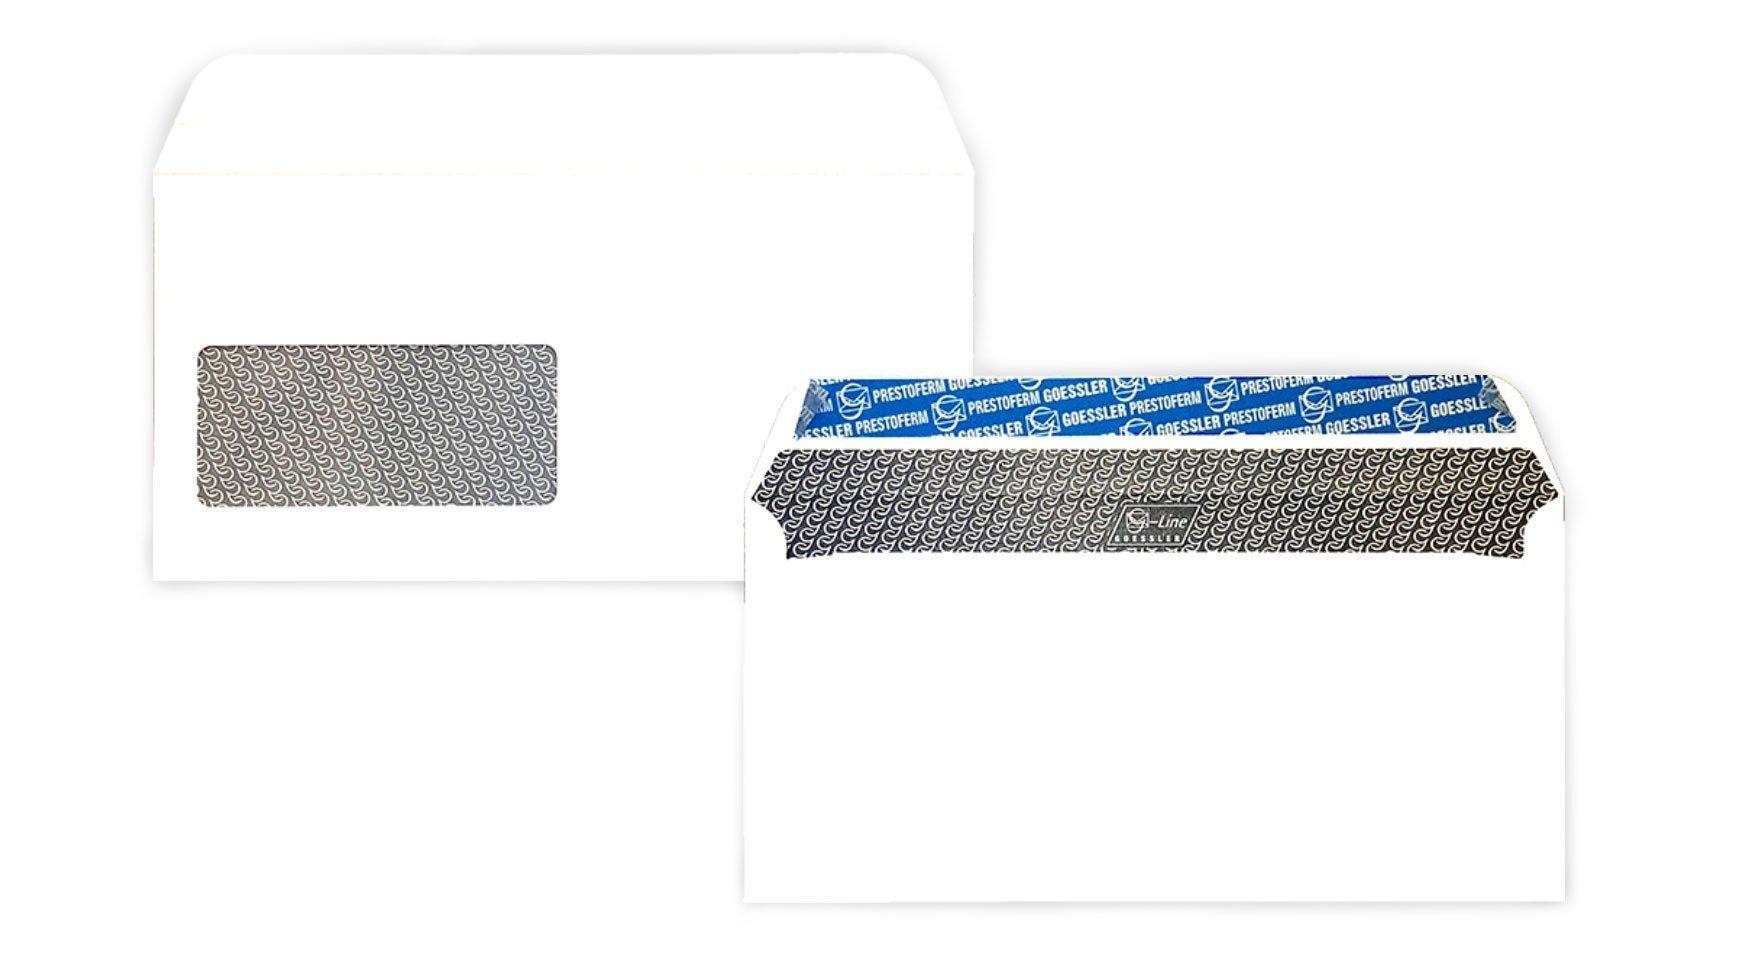 Gosear 30 Fogli stuoie appiccicose Rimovibili monouso Antipolvere tappetini Adesivi statici appiccicosi tappetini per casa Fabbrica Ospedale Hotel Pet House 45x60 cm